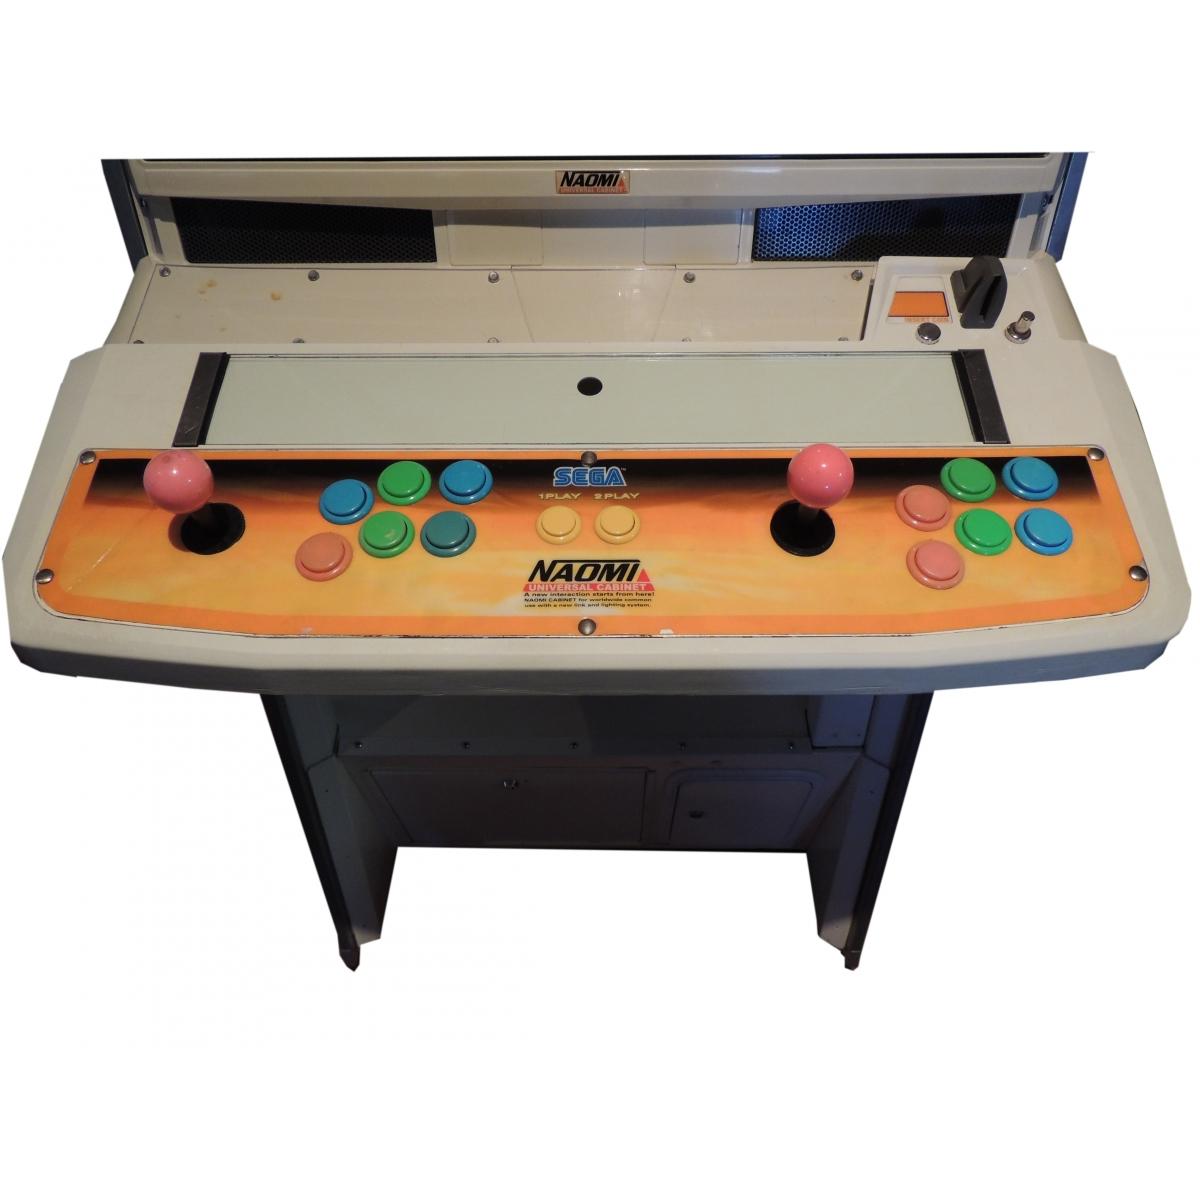 L'Arcade au Japon Naomi-universal-cabinet-2100-en-1